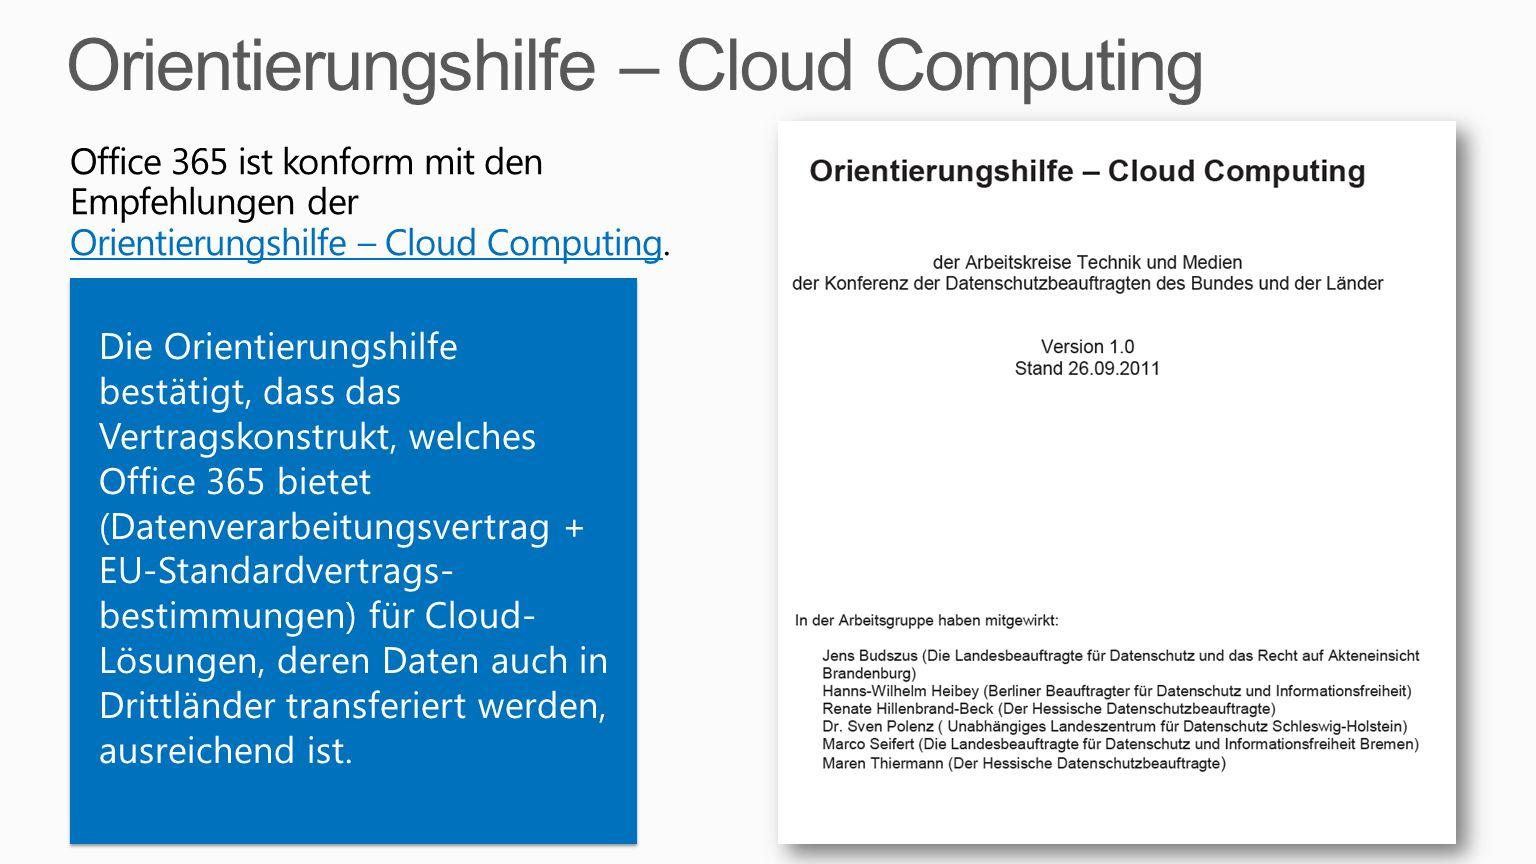 Office 365 ist konform mit den Empfehlungen der Orientierungshilfe – Cloud Computing. Orientierungshilfe – Cloud Computing Die Orientierungshilfe best